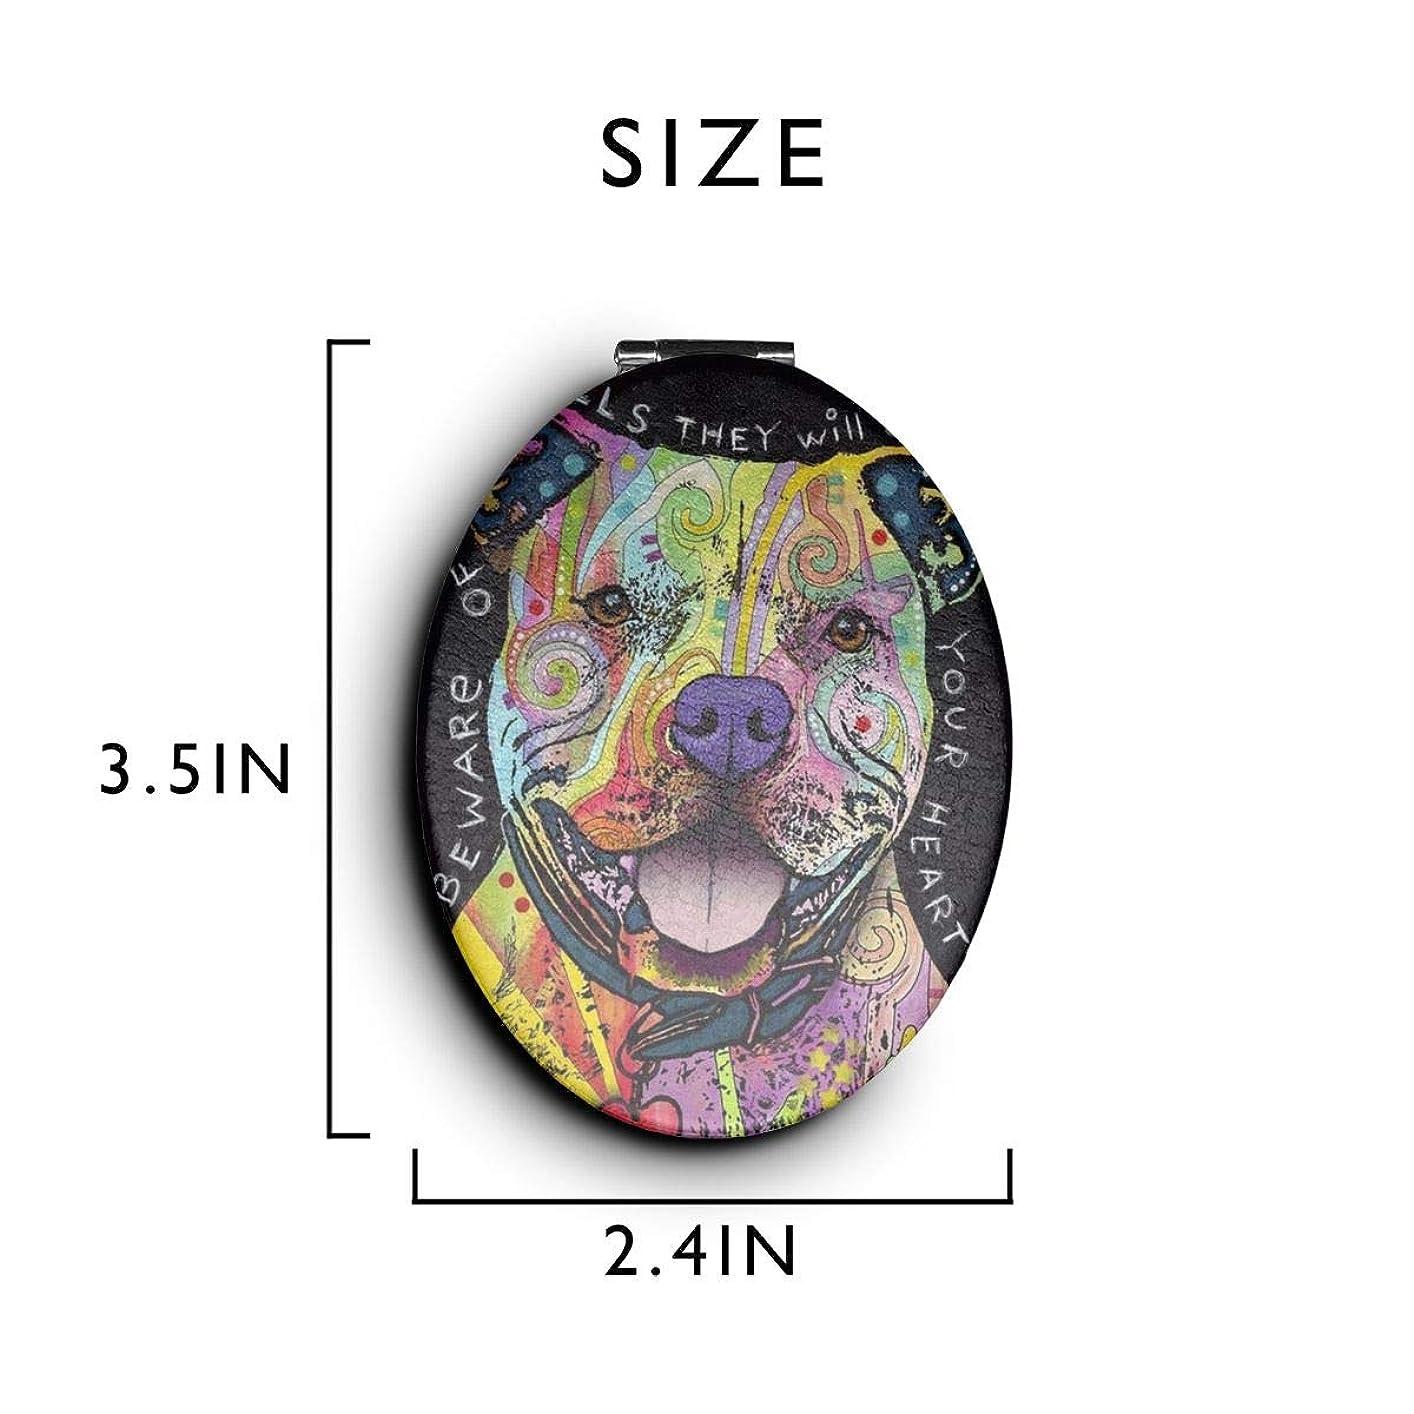 アーティキュレーション平和的平均化粧鏡 コンパクトミラー ピットブルズ 手鏡 携帯ミラー 折りたたみ鏡 拡大鏡 両面ミラー